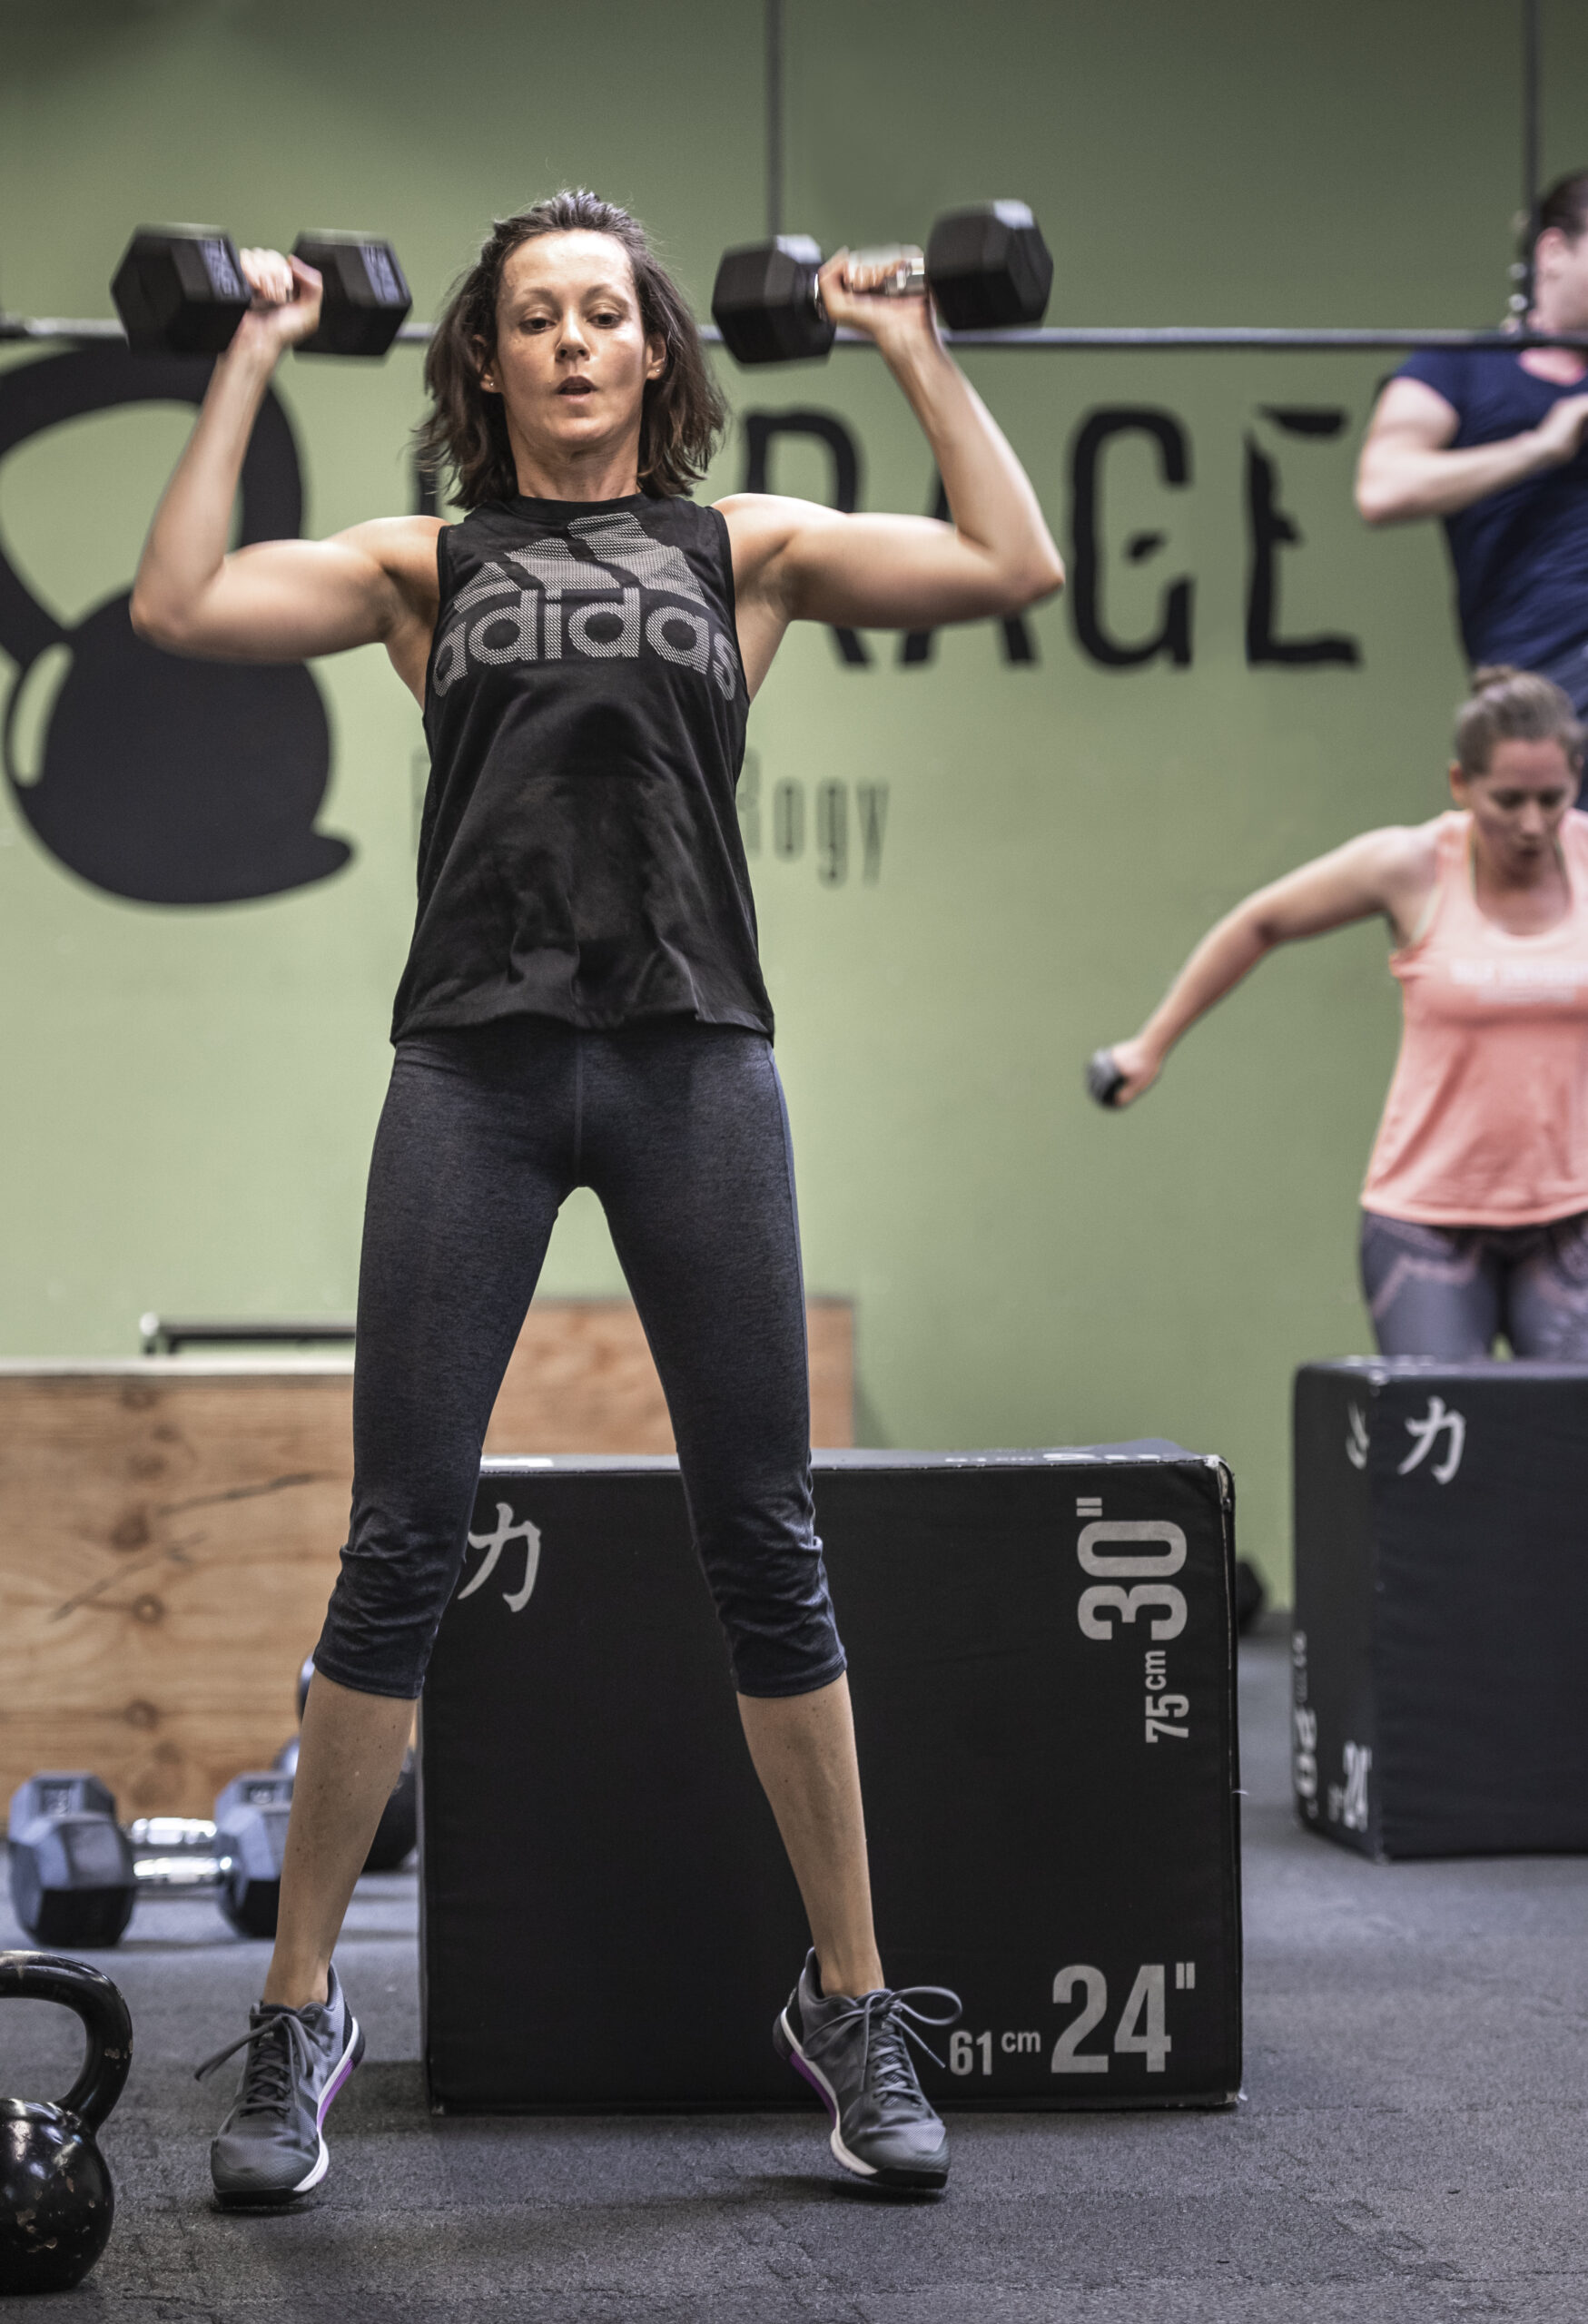 Fitnesscenter 1030 Wien